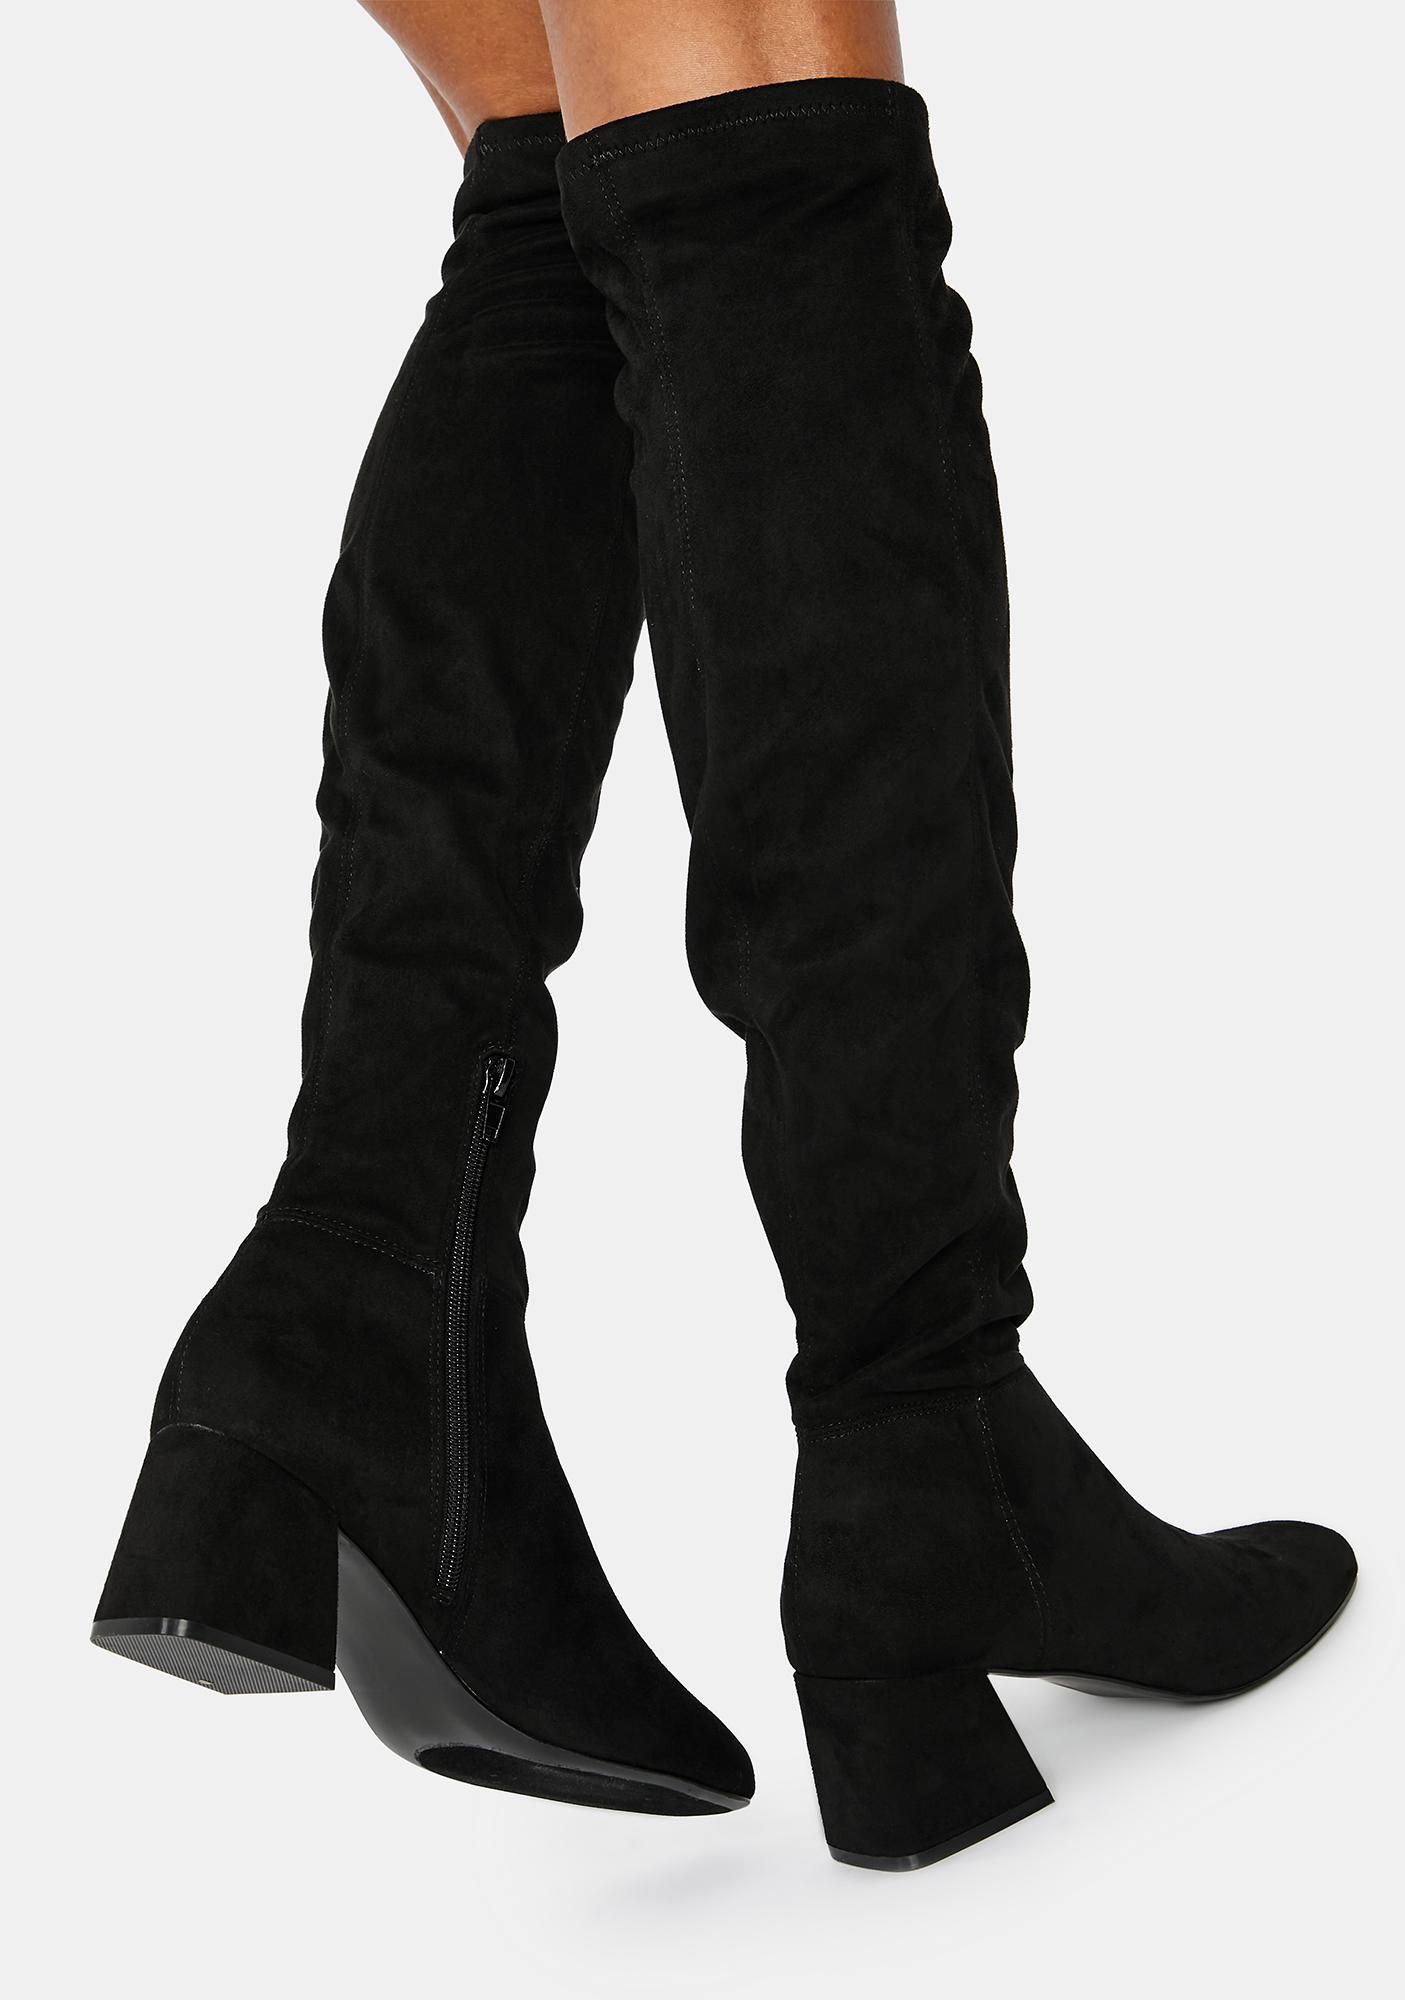 Steve Madden Diggy Knee High Boots